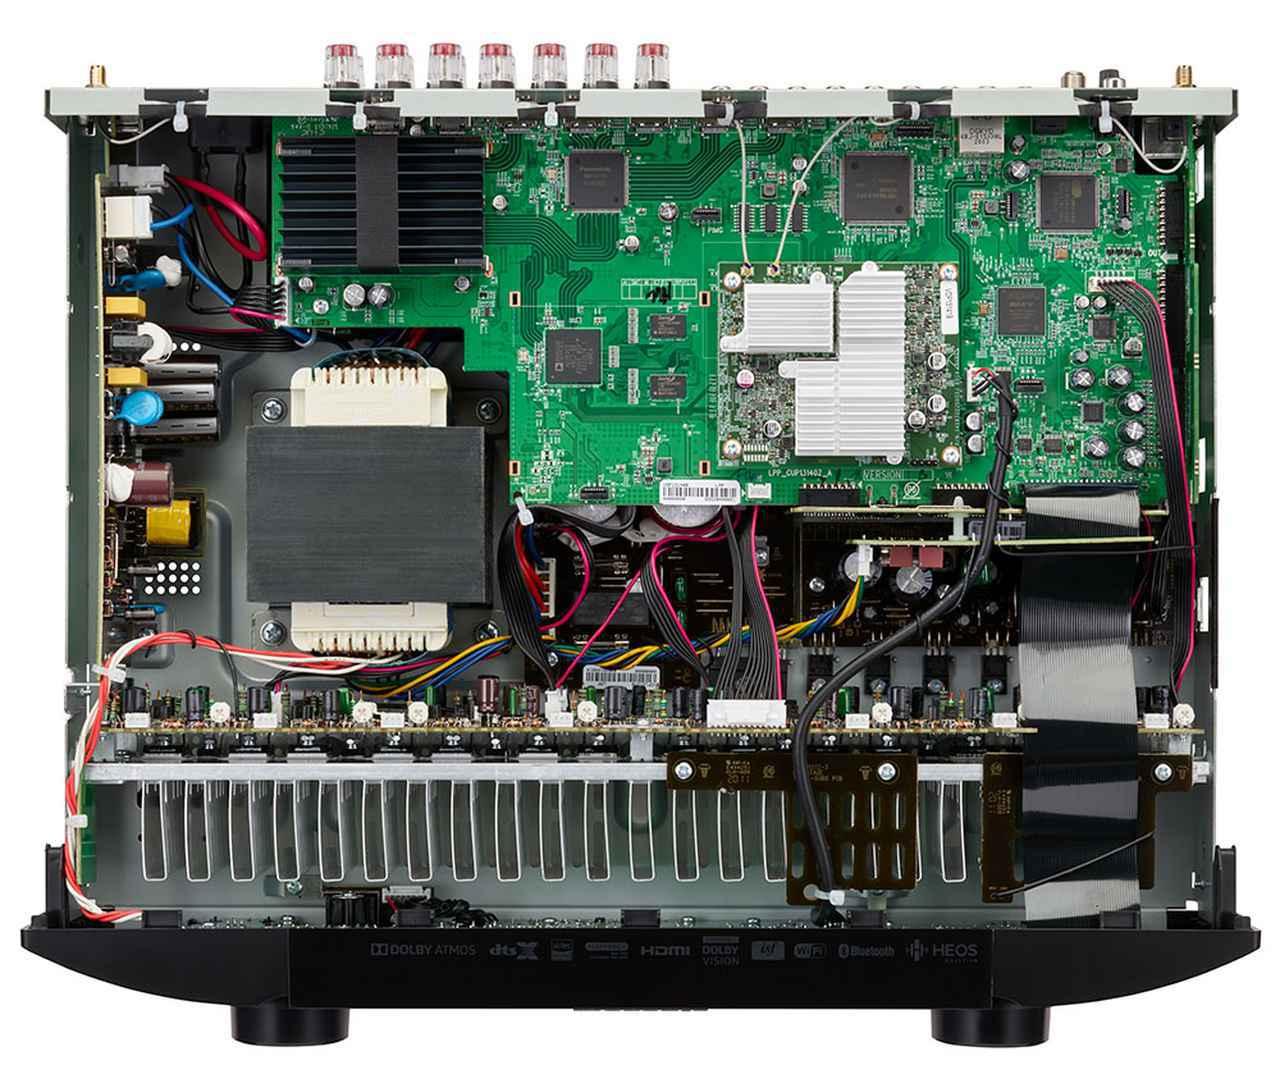 画像: 「NR1711」の内部構成。リアパネル側左の黒いヒートシンクの下にHDMI関連のデバイスを配置している。右後方の銀色のヒートシンクが乗っているのがHEOSなどのネットワーク回路だ